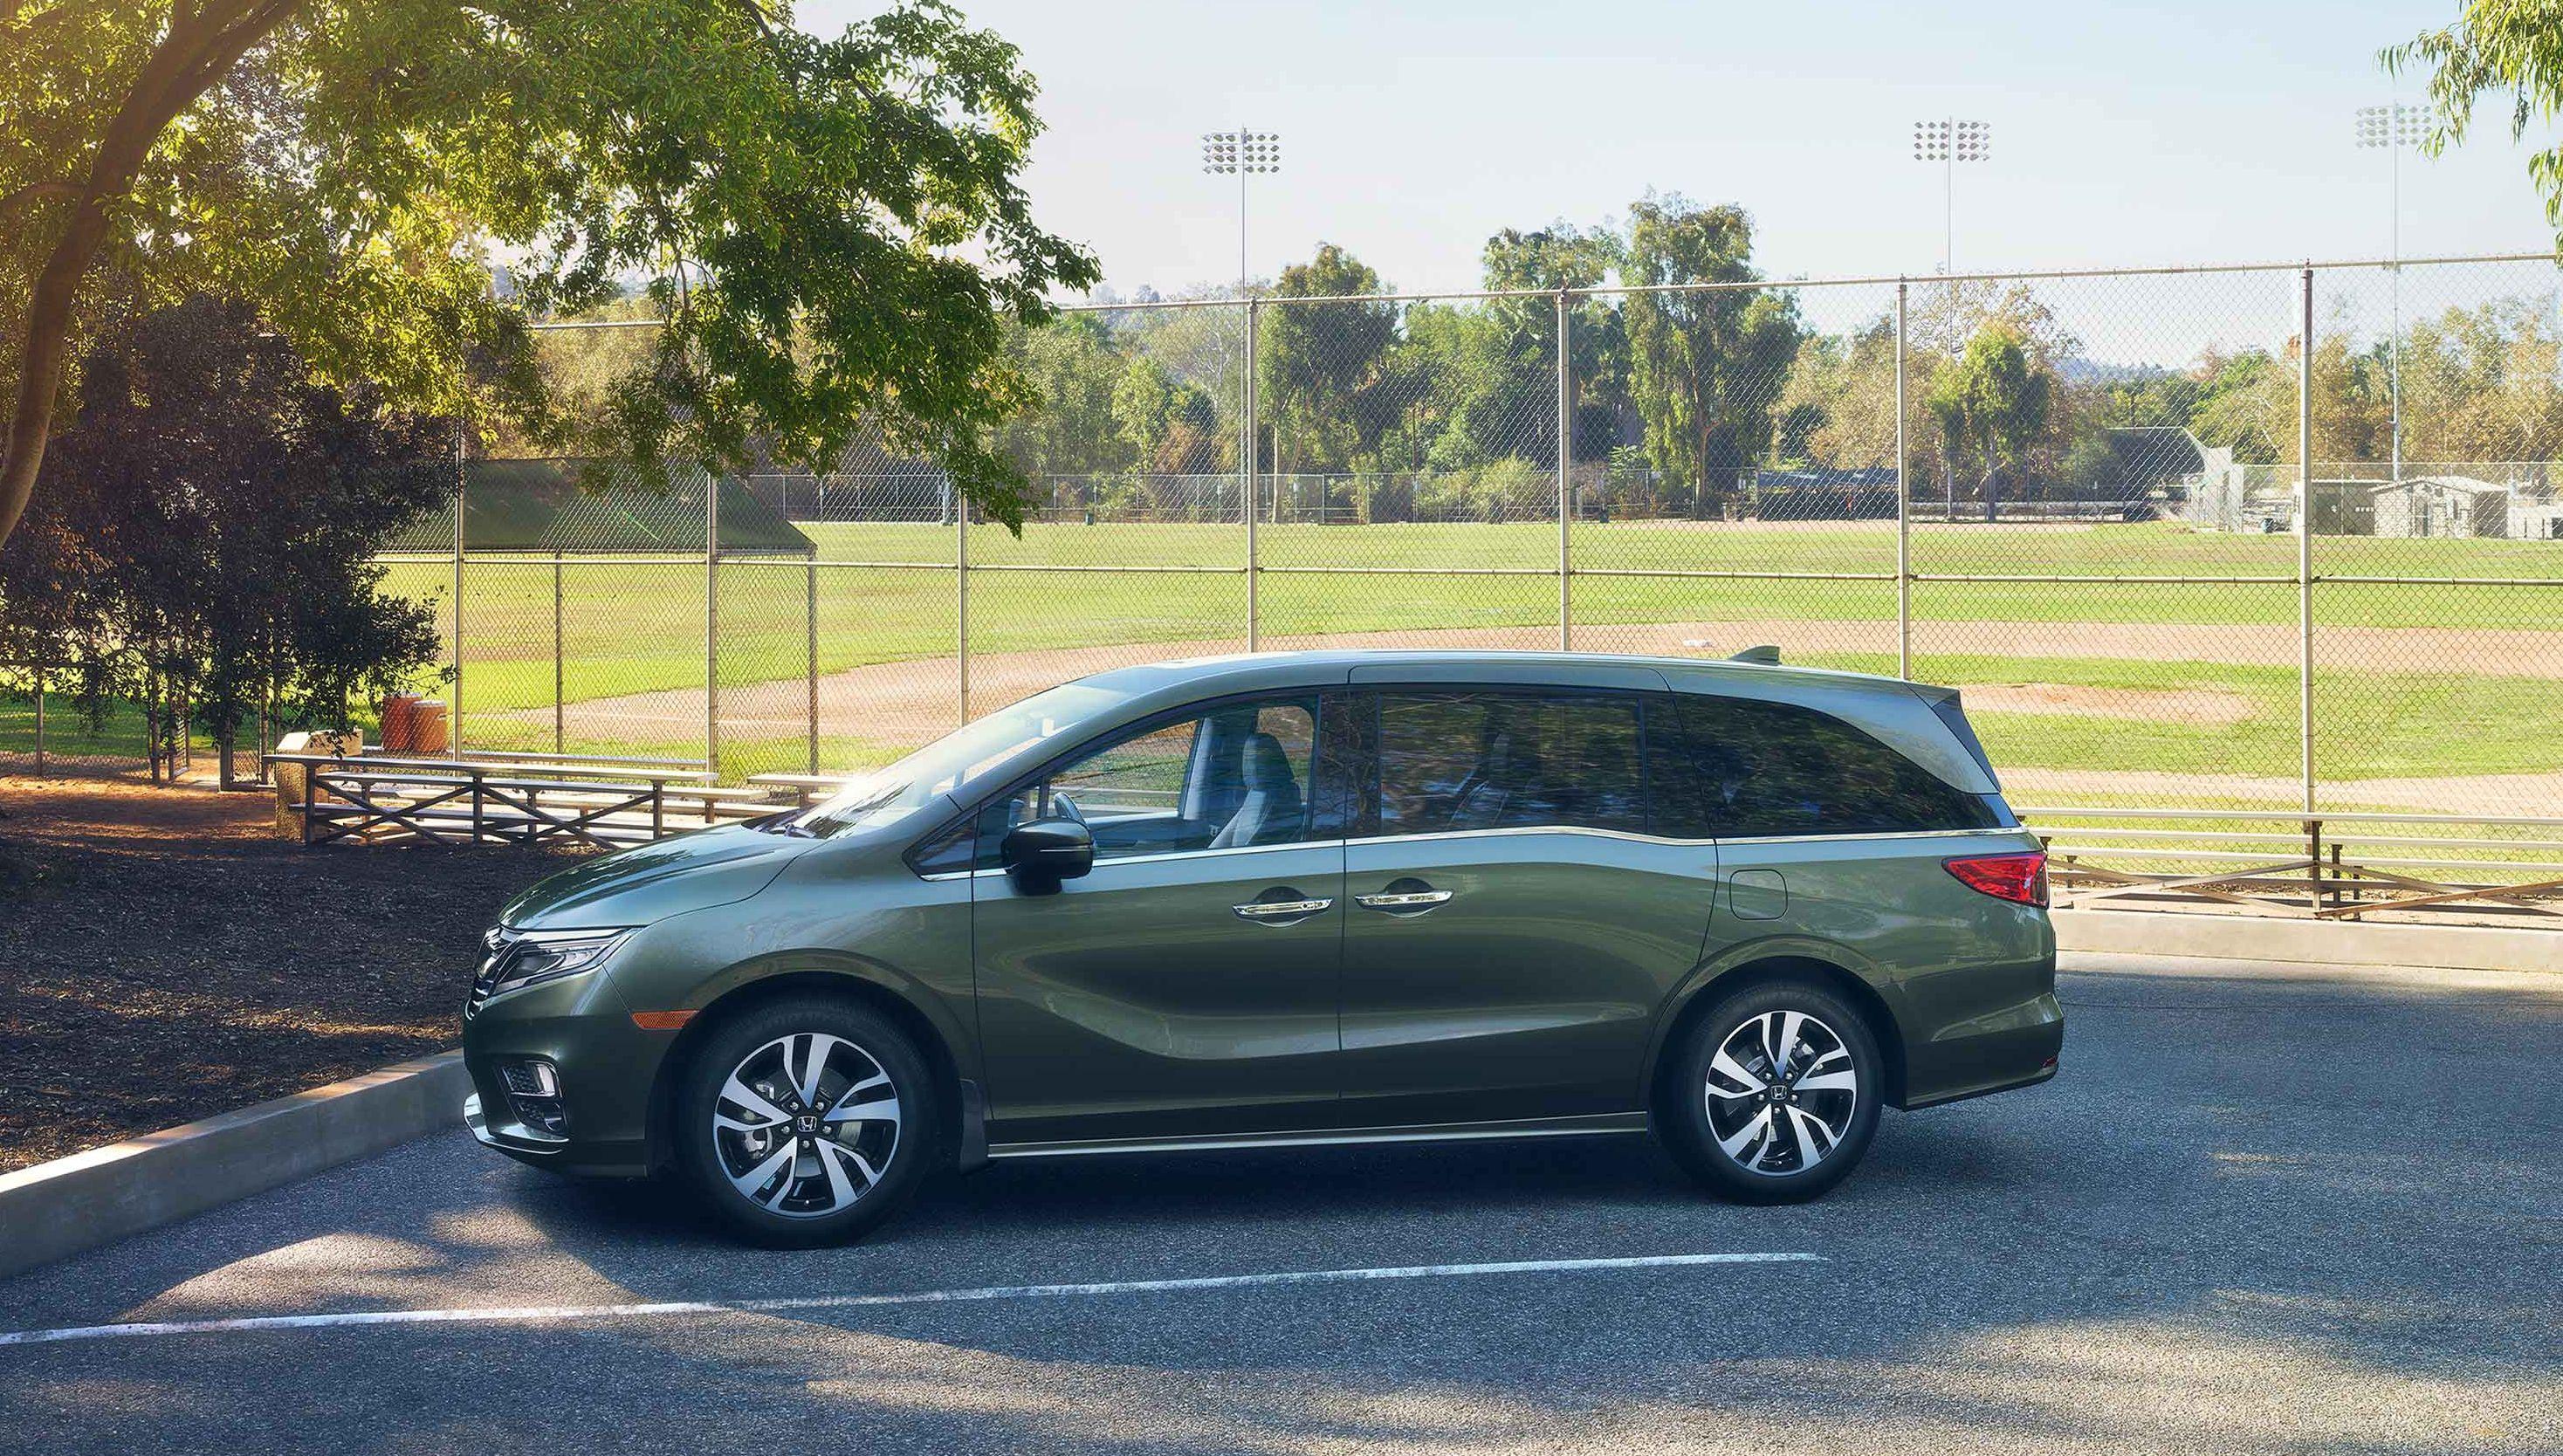 honda autonation review dsc odyssey test drive reviews se minivan